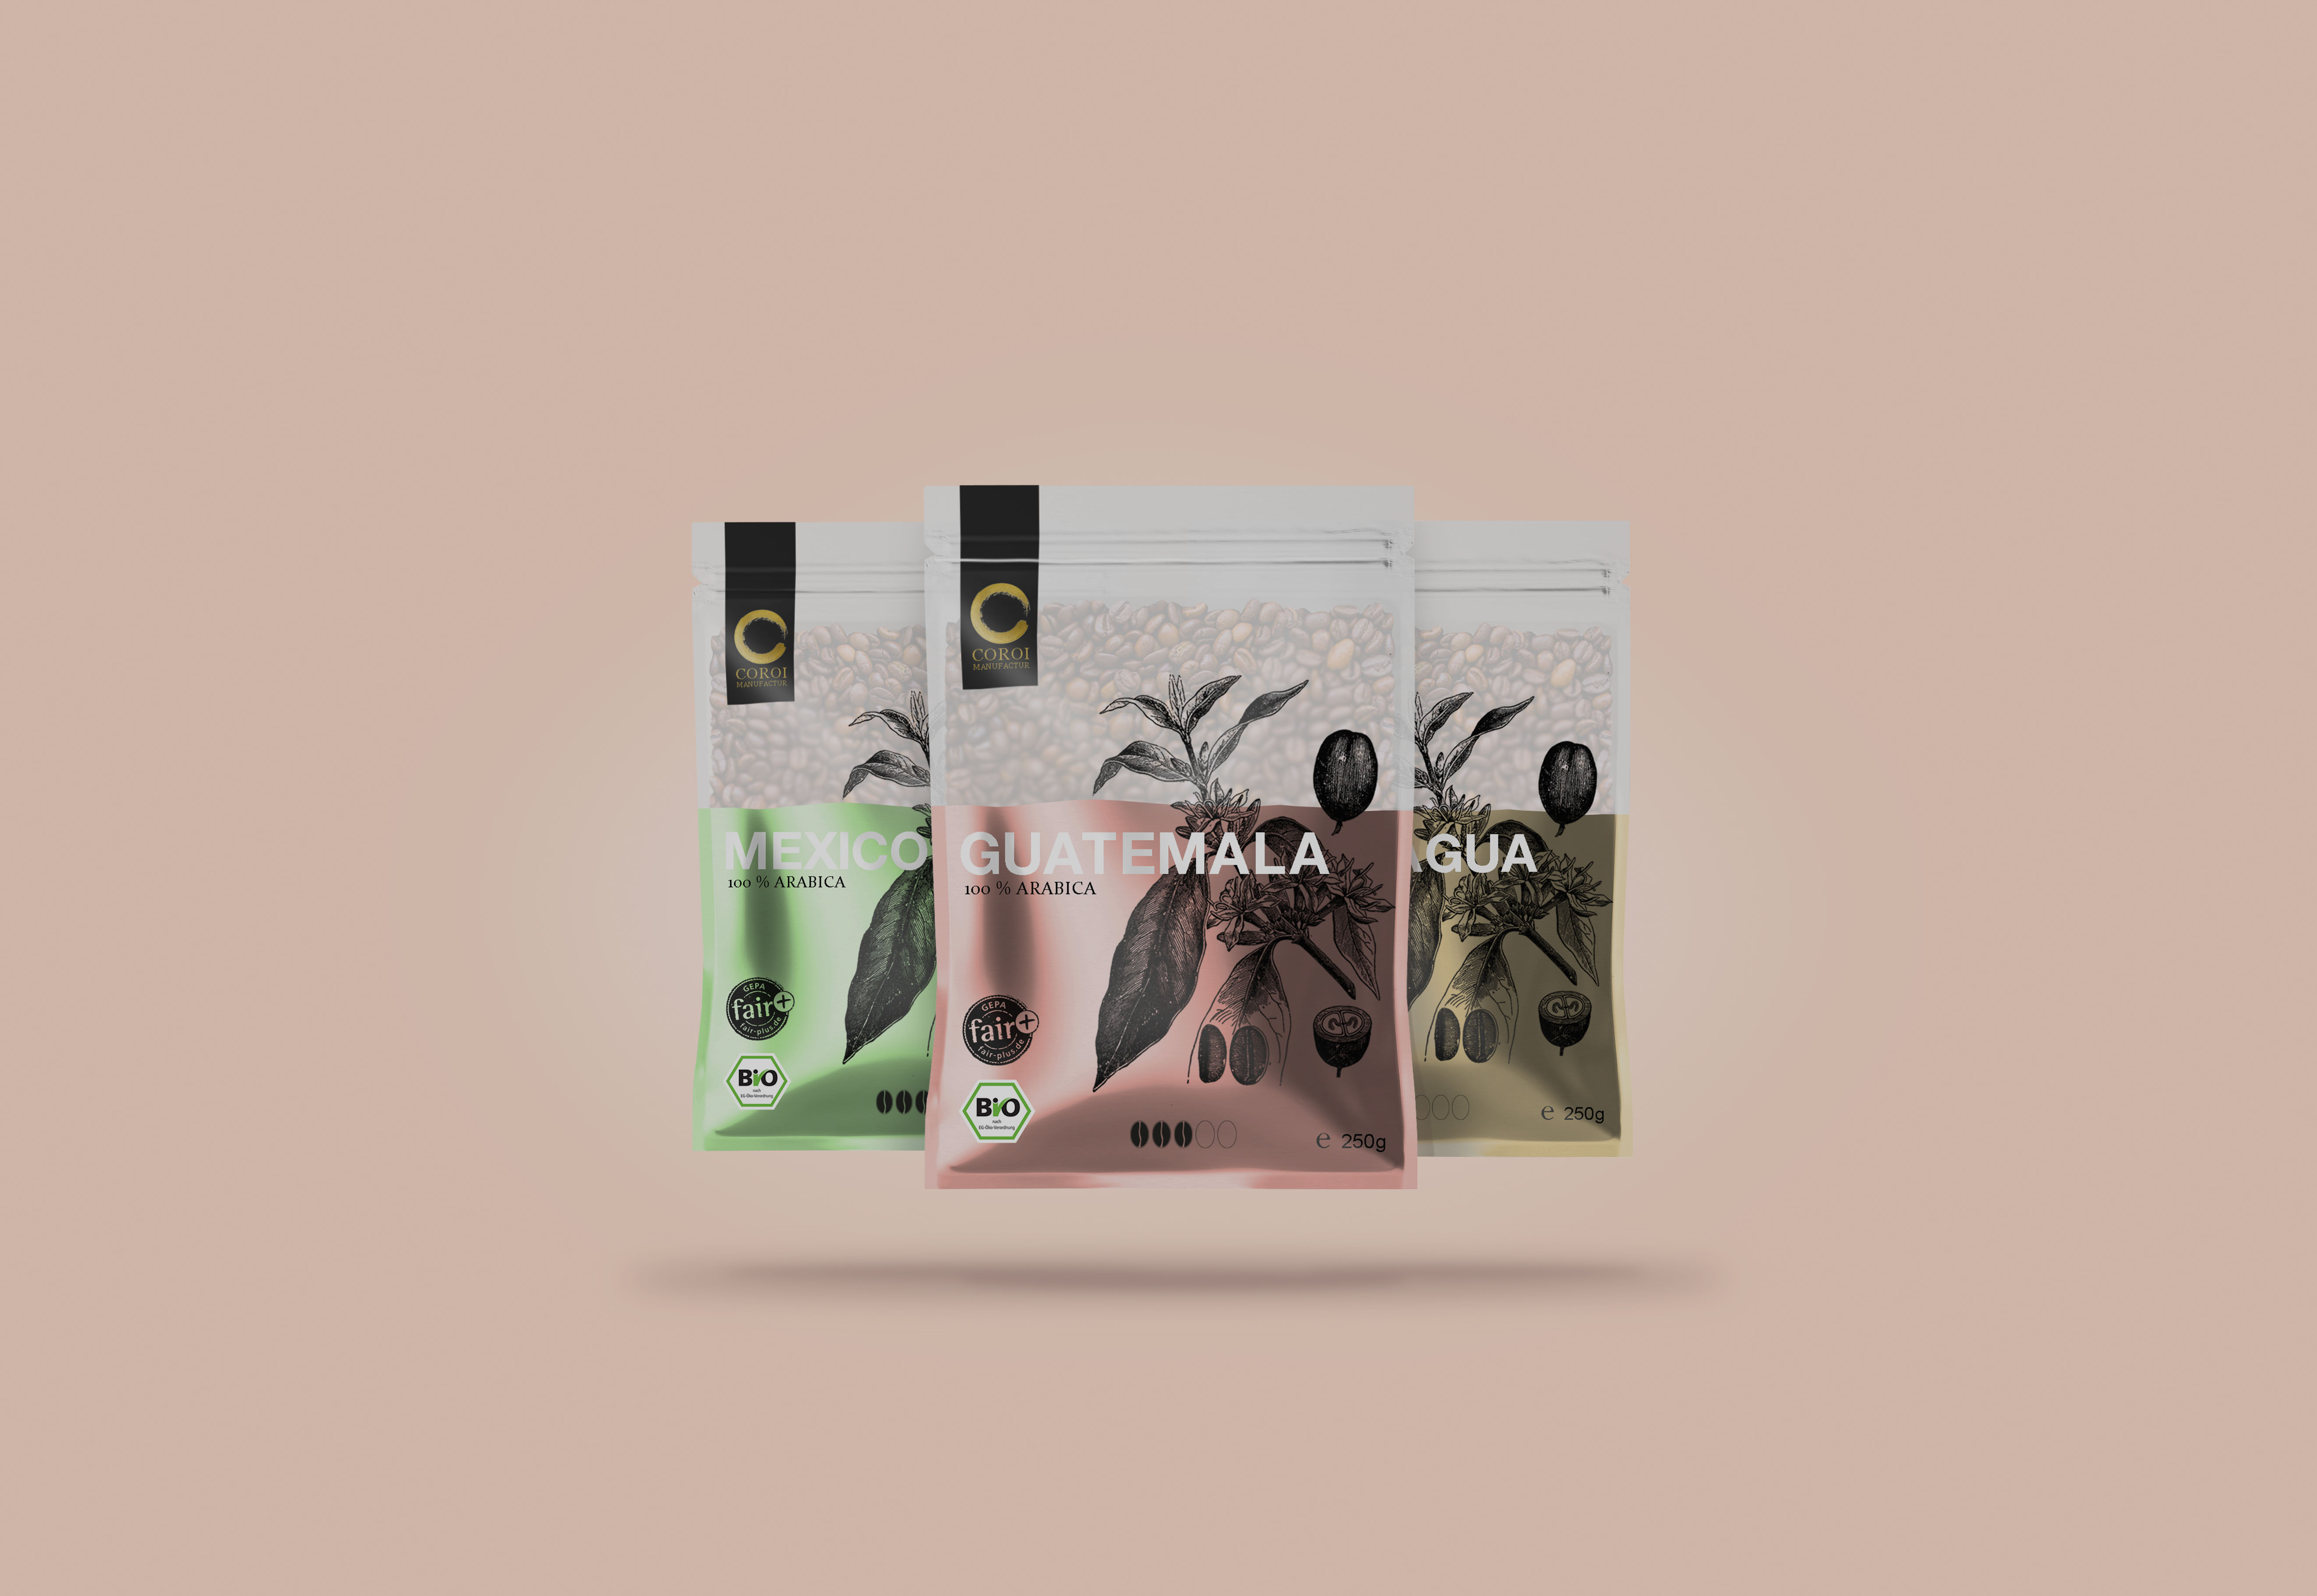 CoffeePack_LimaDeLezando_02_RGB